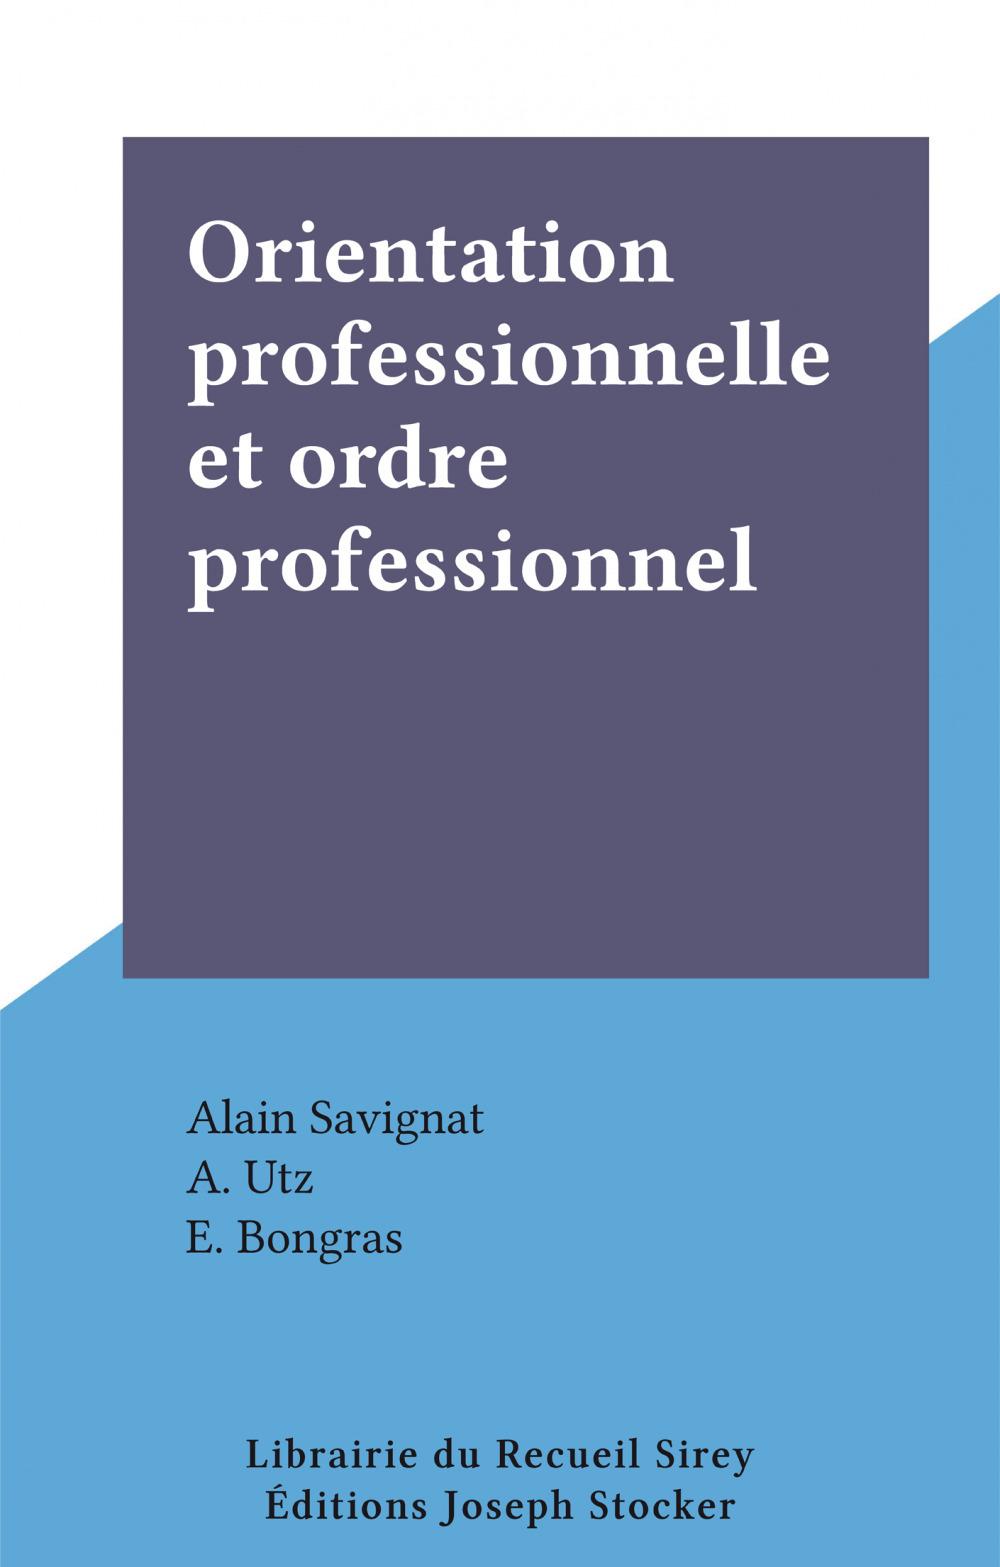 Orientation professionnelle et ordre professionnel